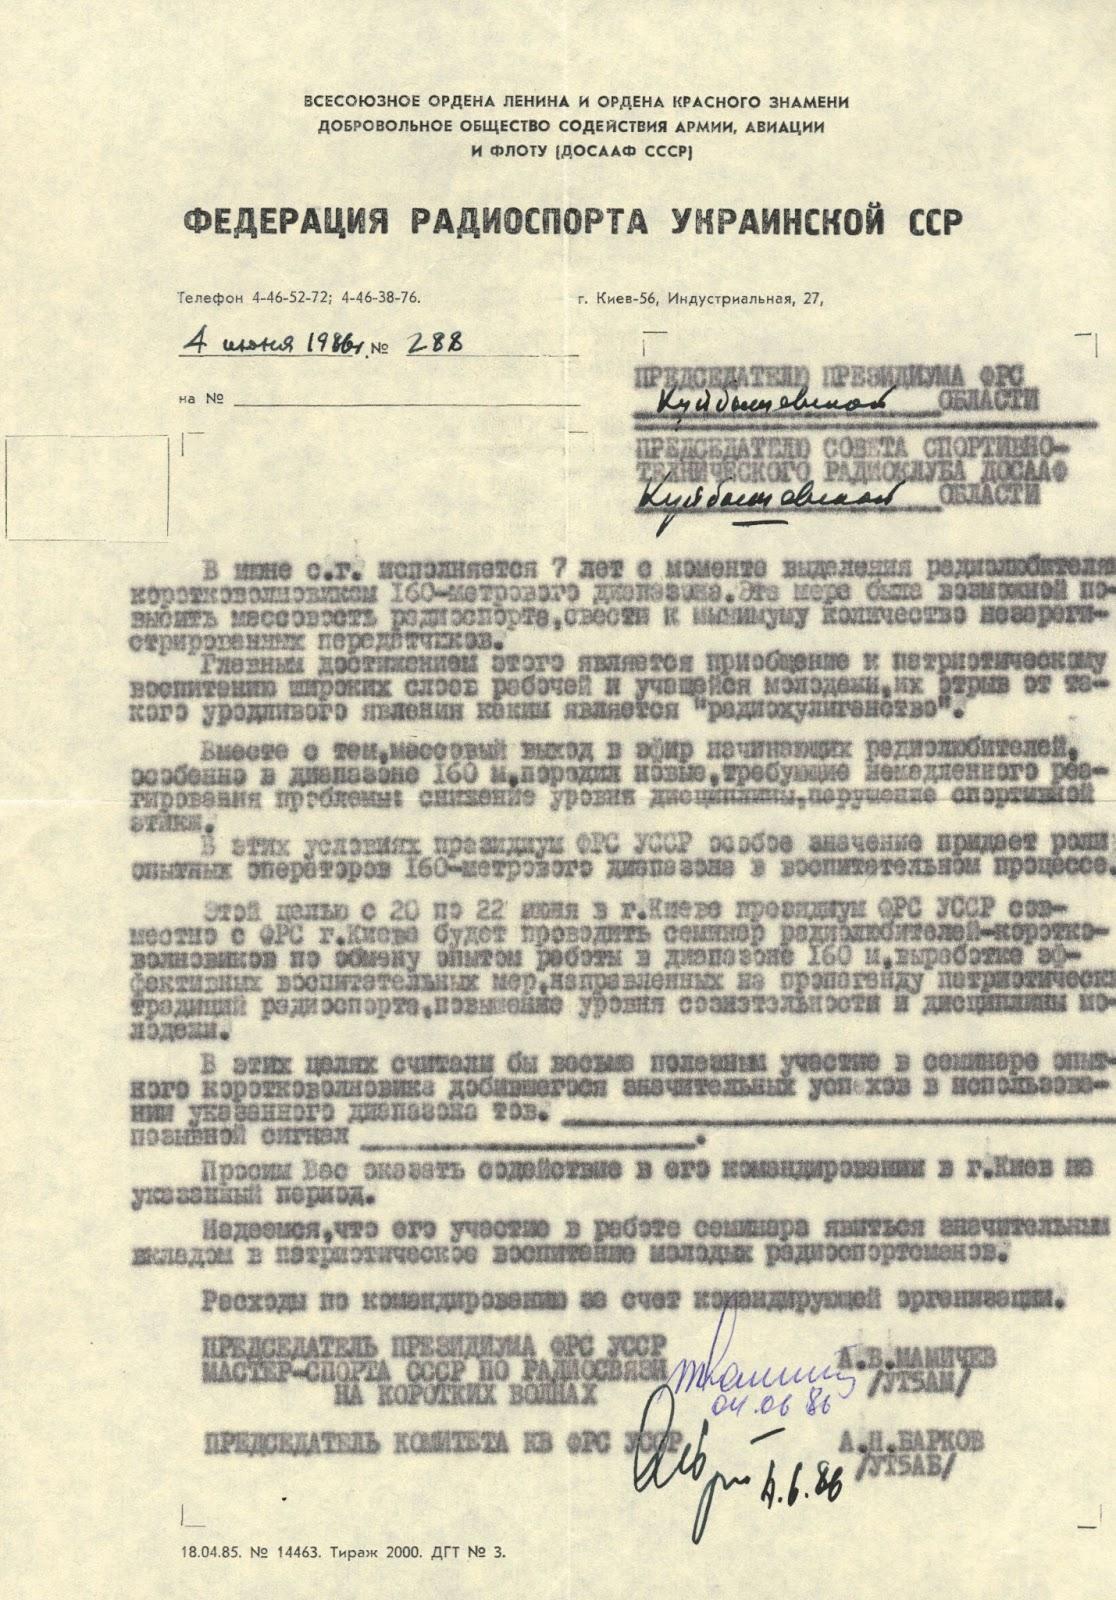 Нажмите на изображение для увеличения.  Название:UA4HBW-priglashenie-wstrecha-1986.jpg Просмотров:359 Размер:400.0 Кб ID:103855